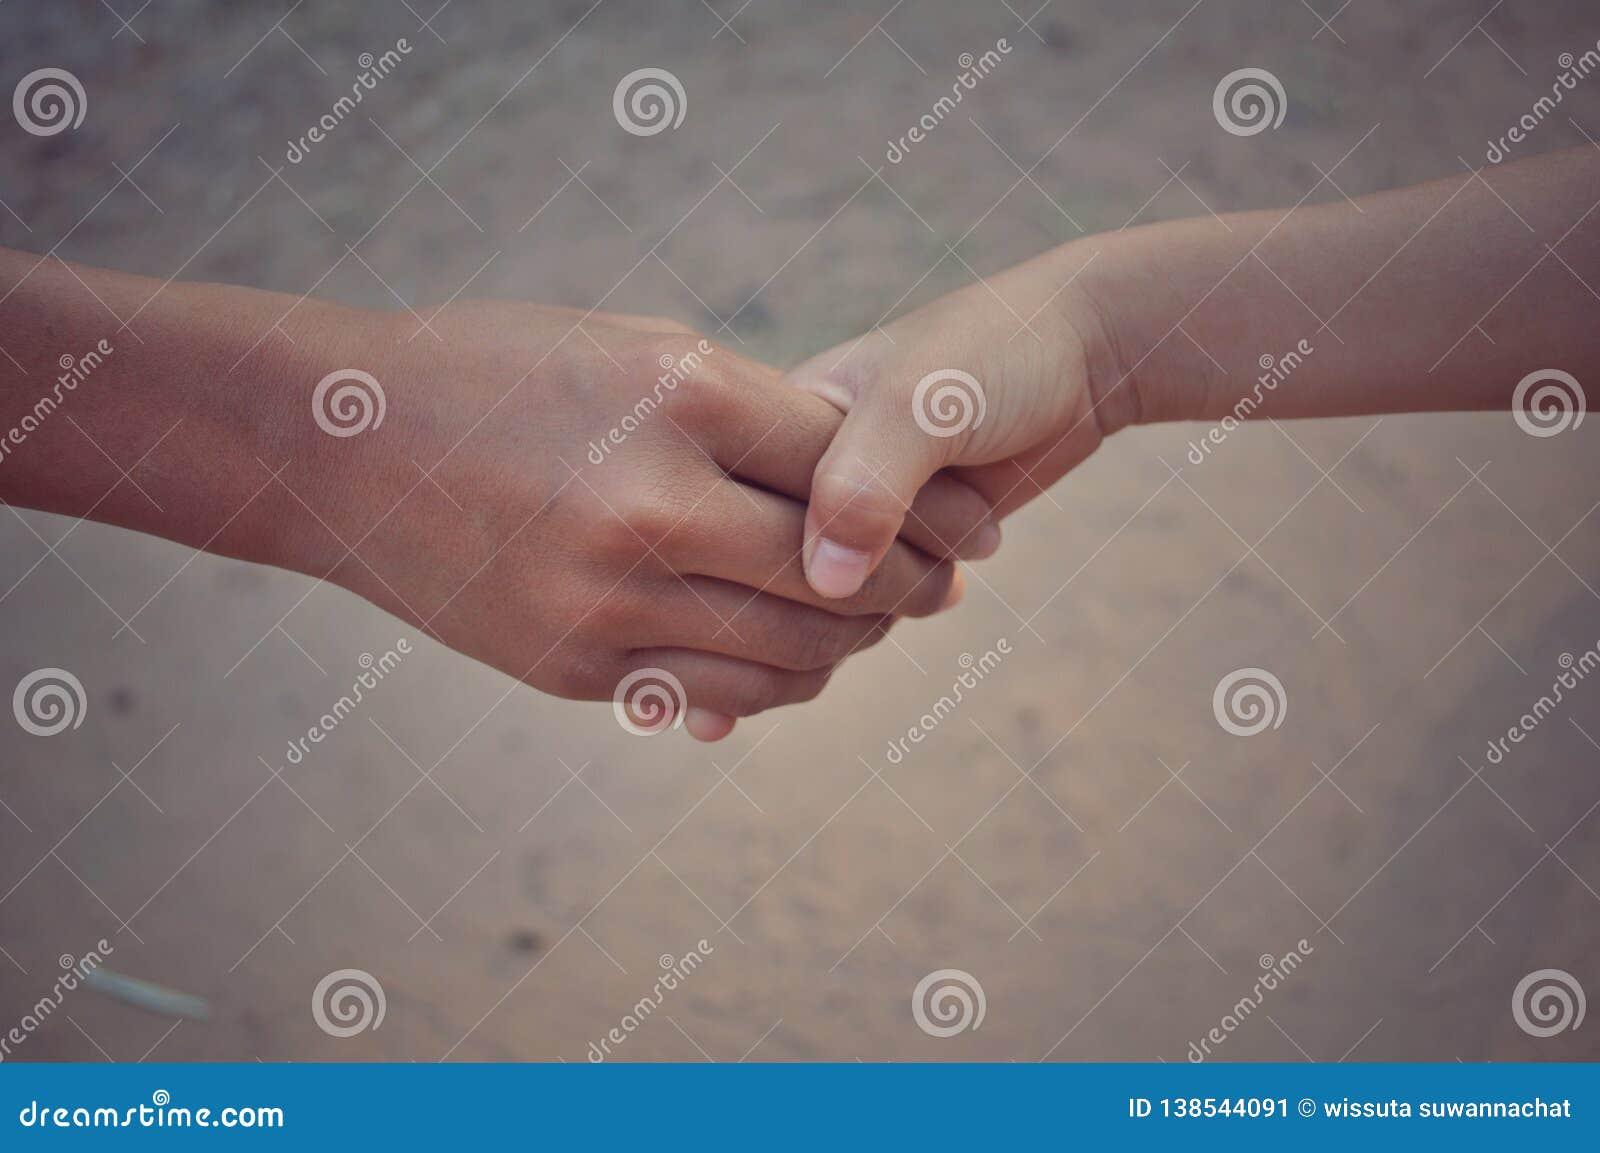 Handskakning mellan två händer